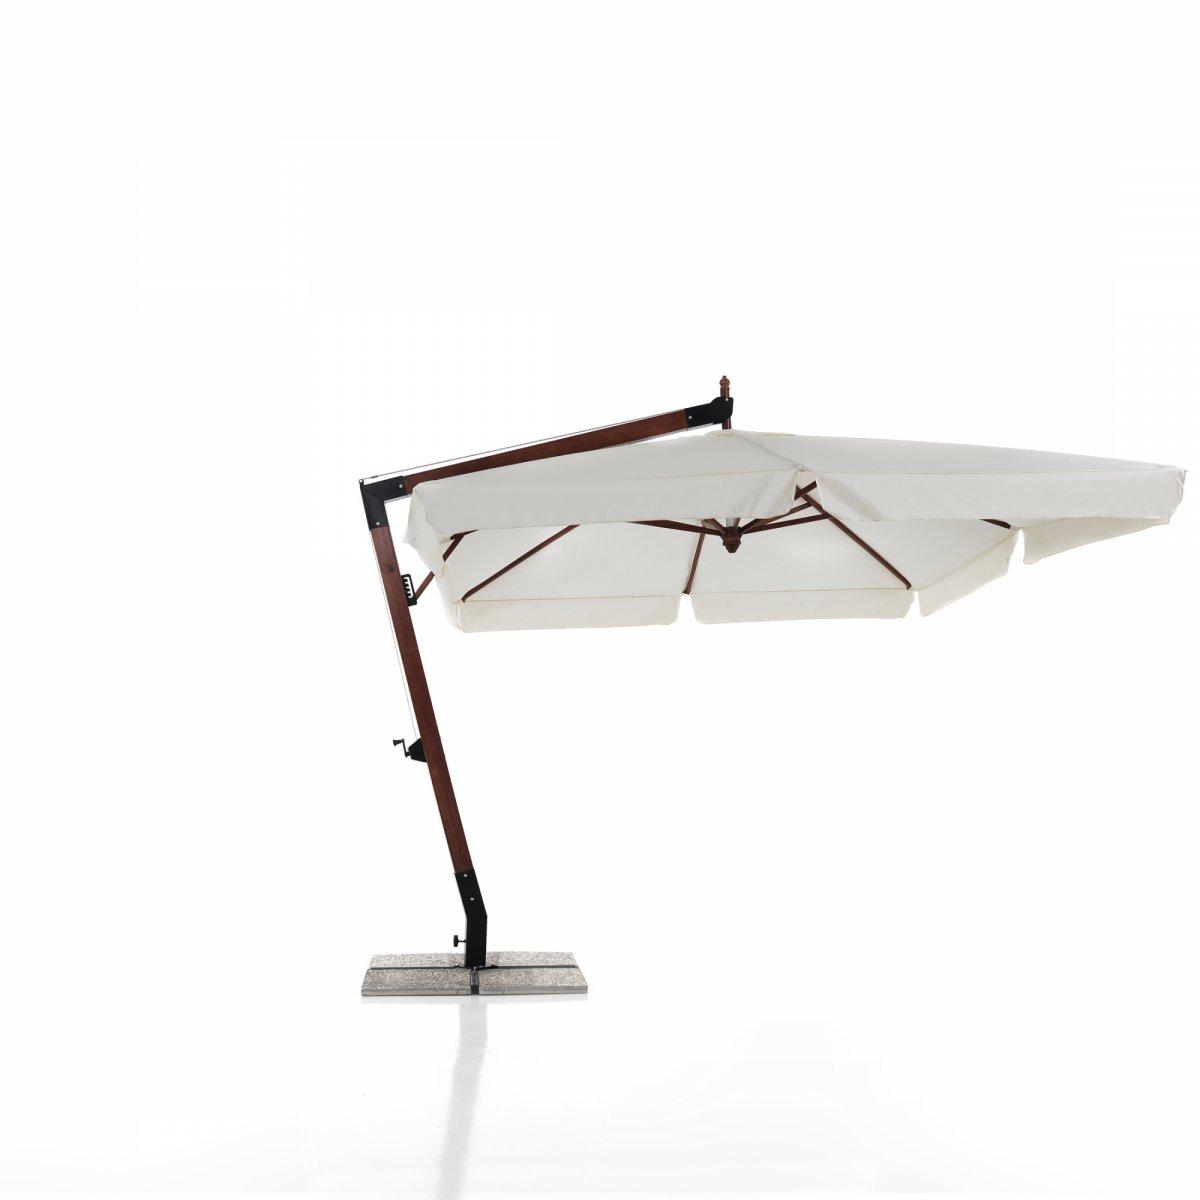 Tomasucci ombrellone PORTONOVO 3 x 4